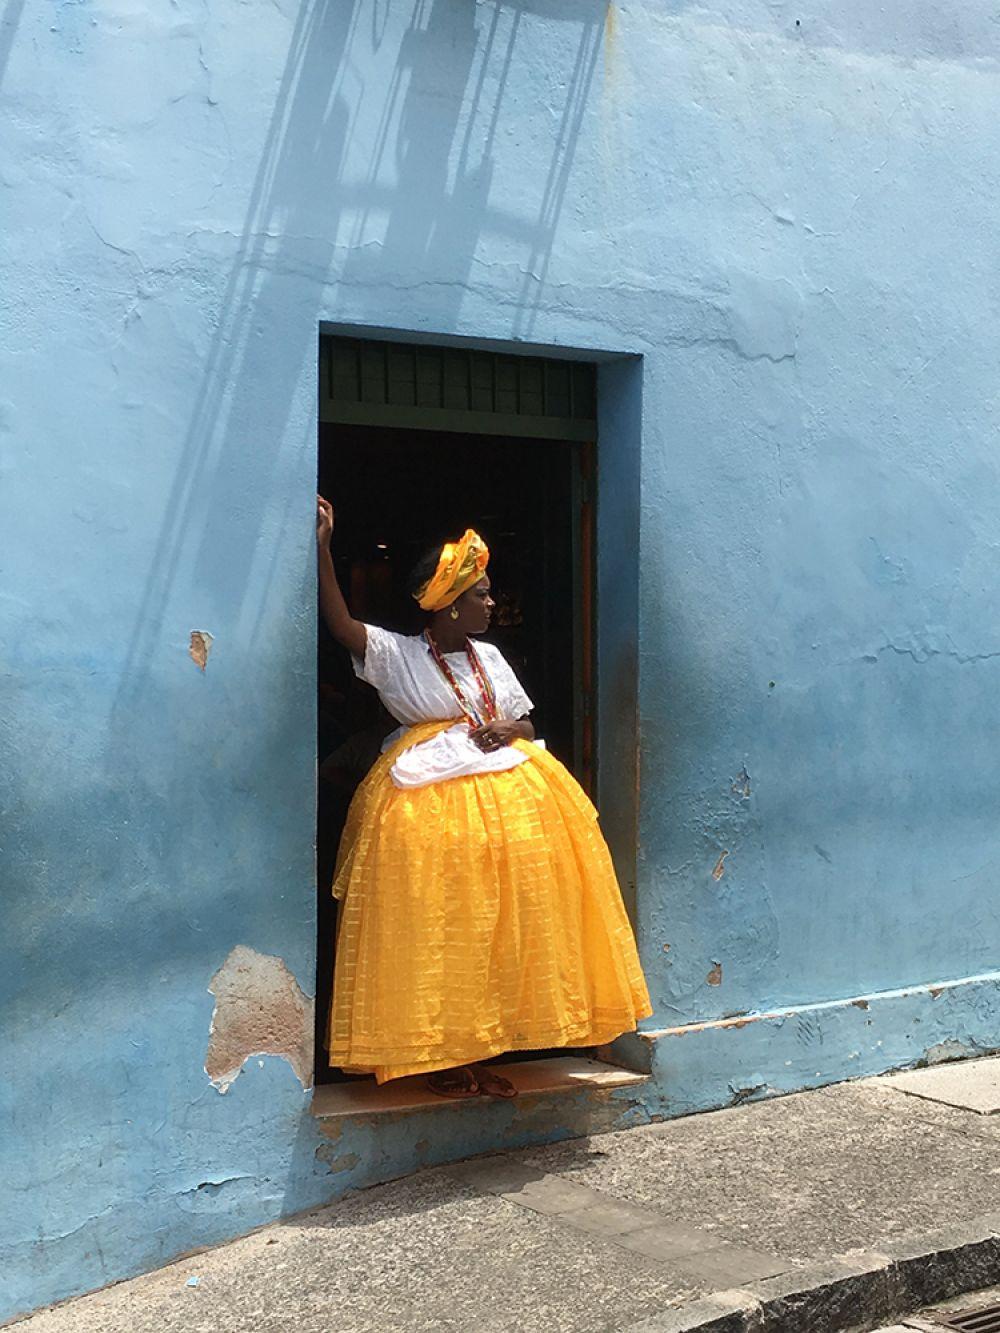 Александр Вебер, Швейцария. 1-е место, фотограф года. Бразильянка в традиционном наряде во время перерыва на работе. Снято на iPhone 6S.